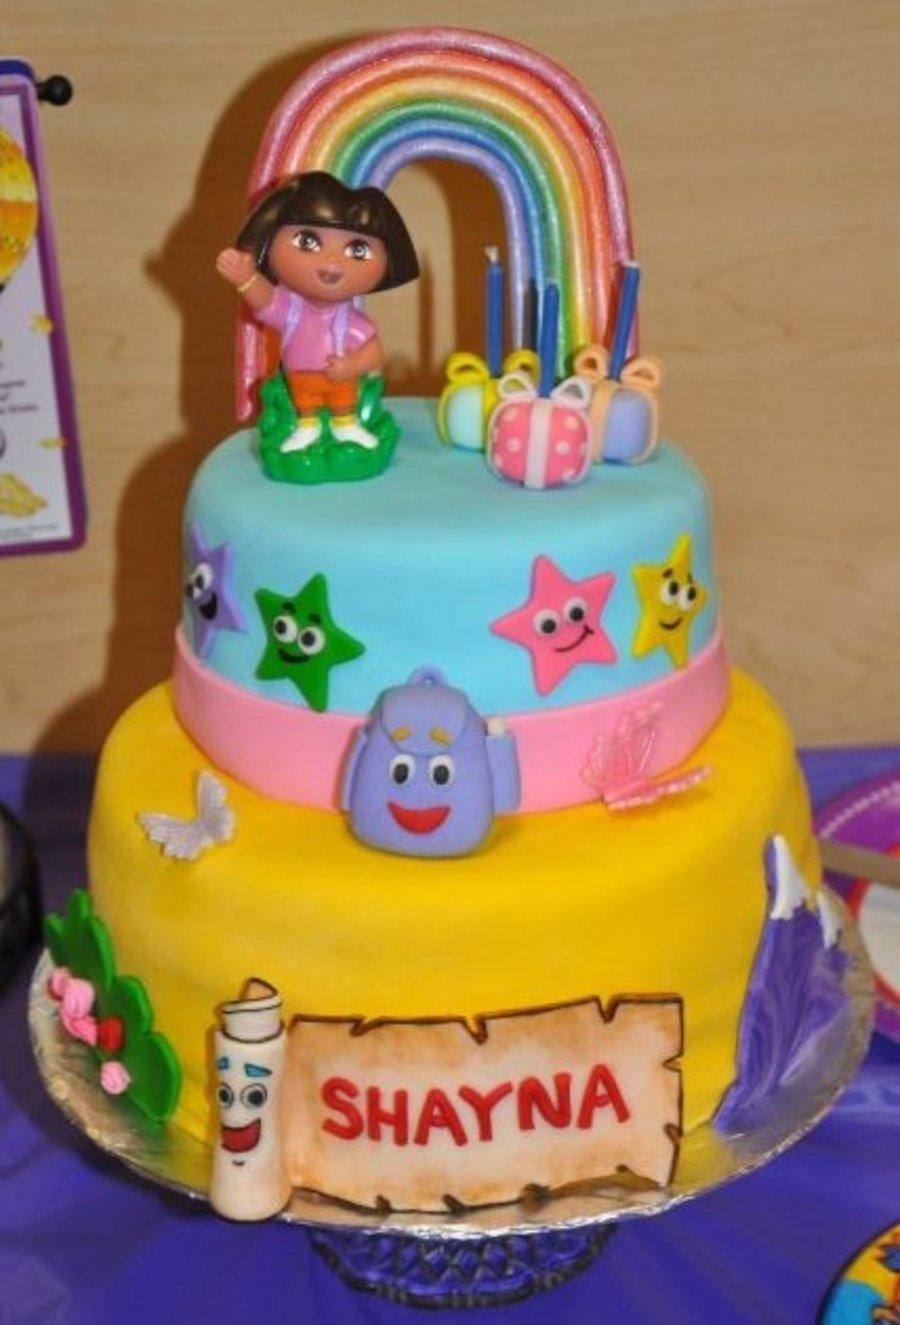 10 Awesome Dora The Explorer Cake Ideas dora the explorer birthday cake cakecentral 2021